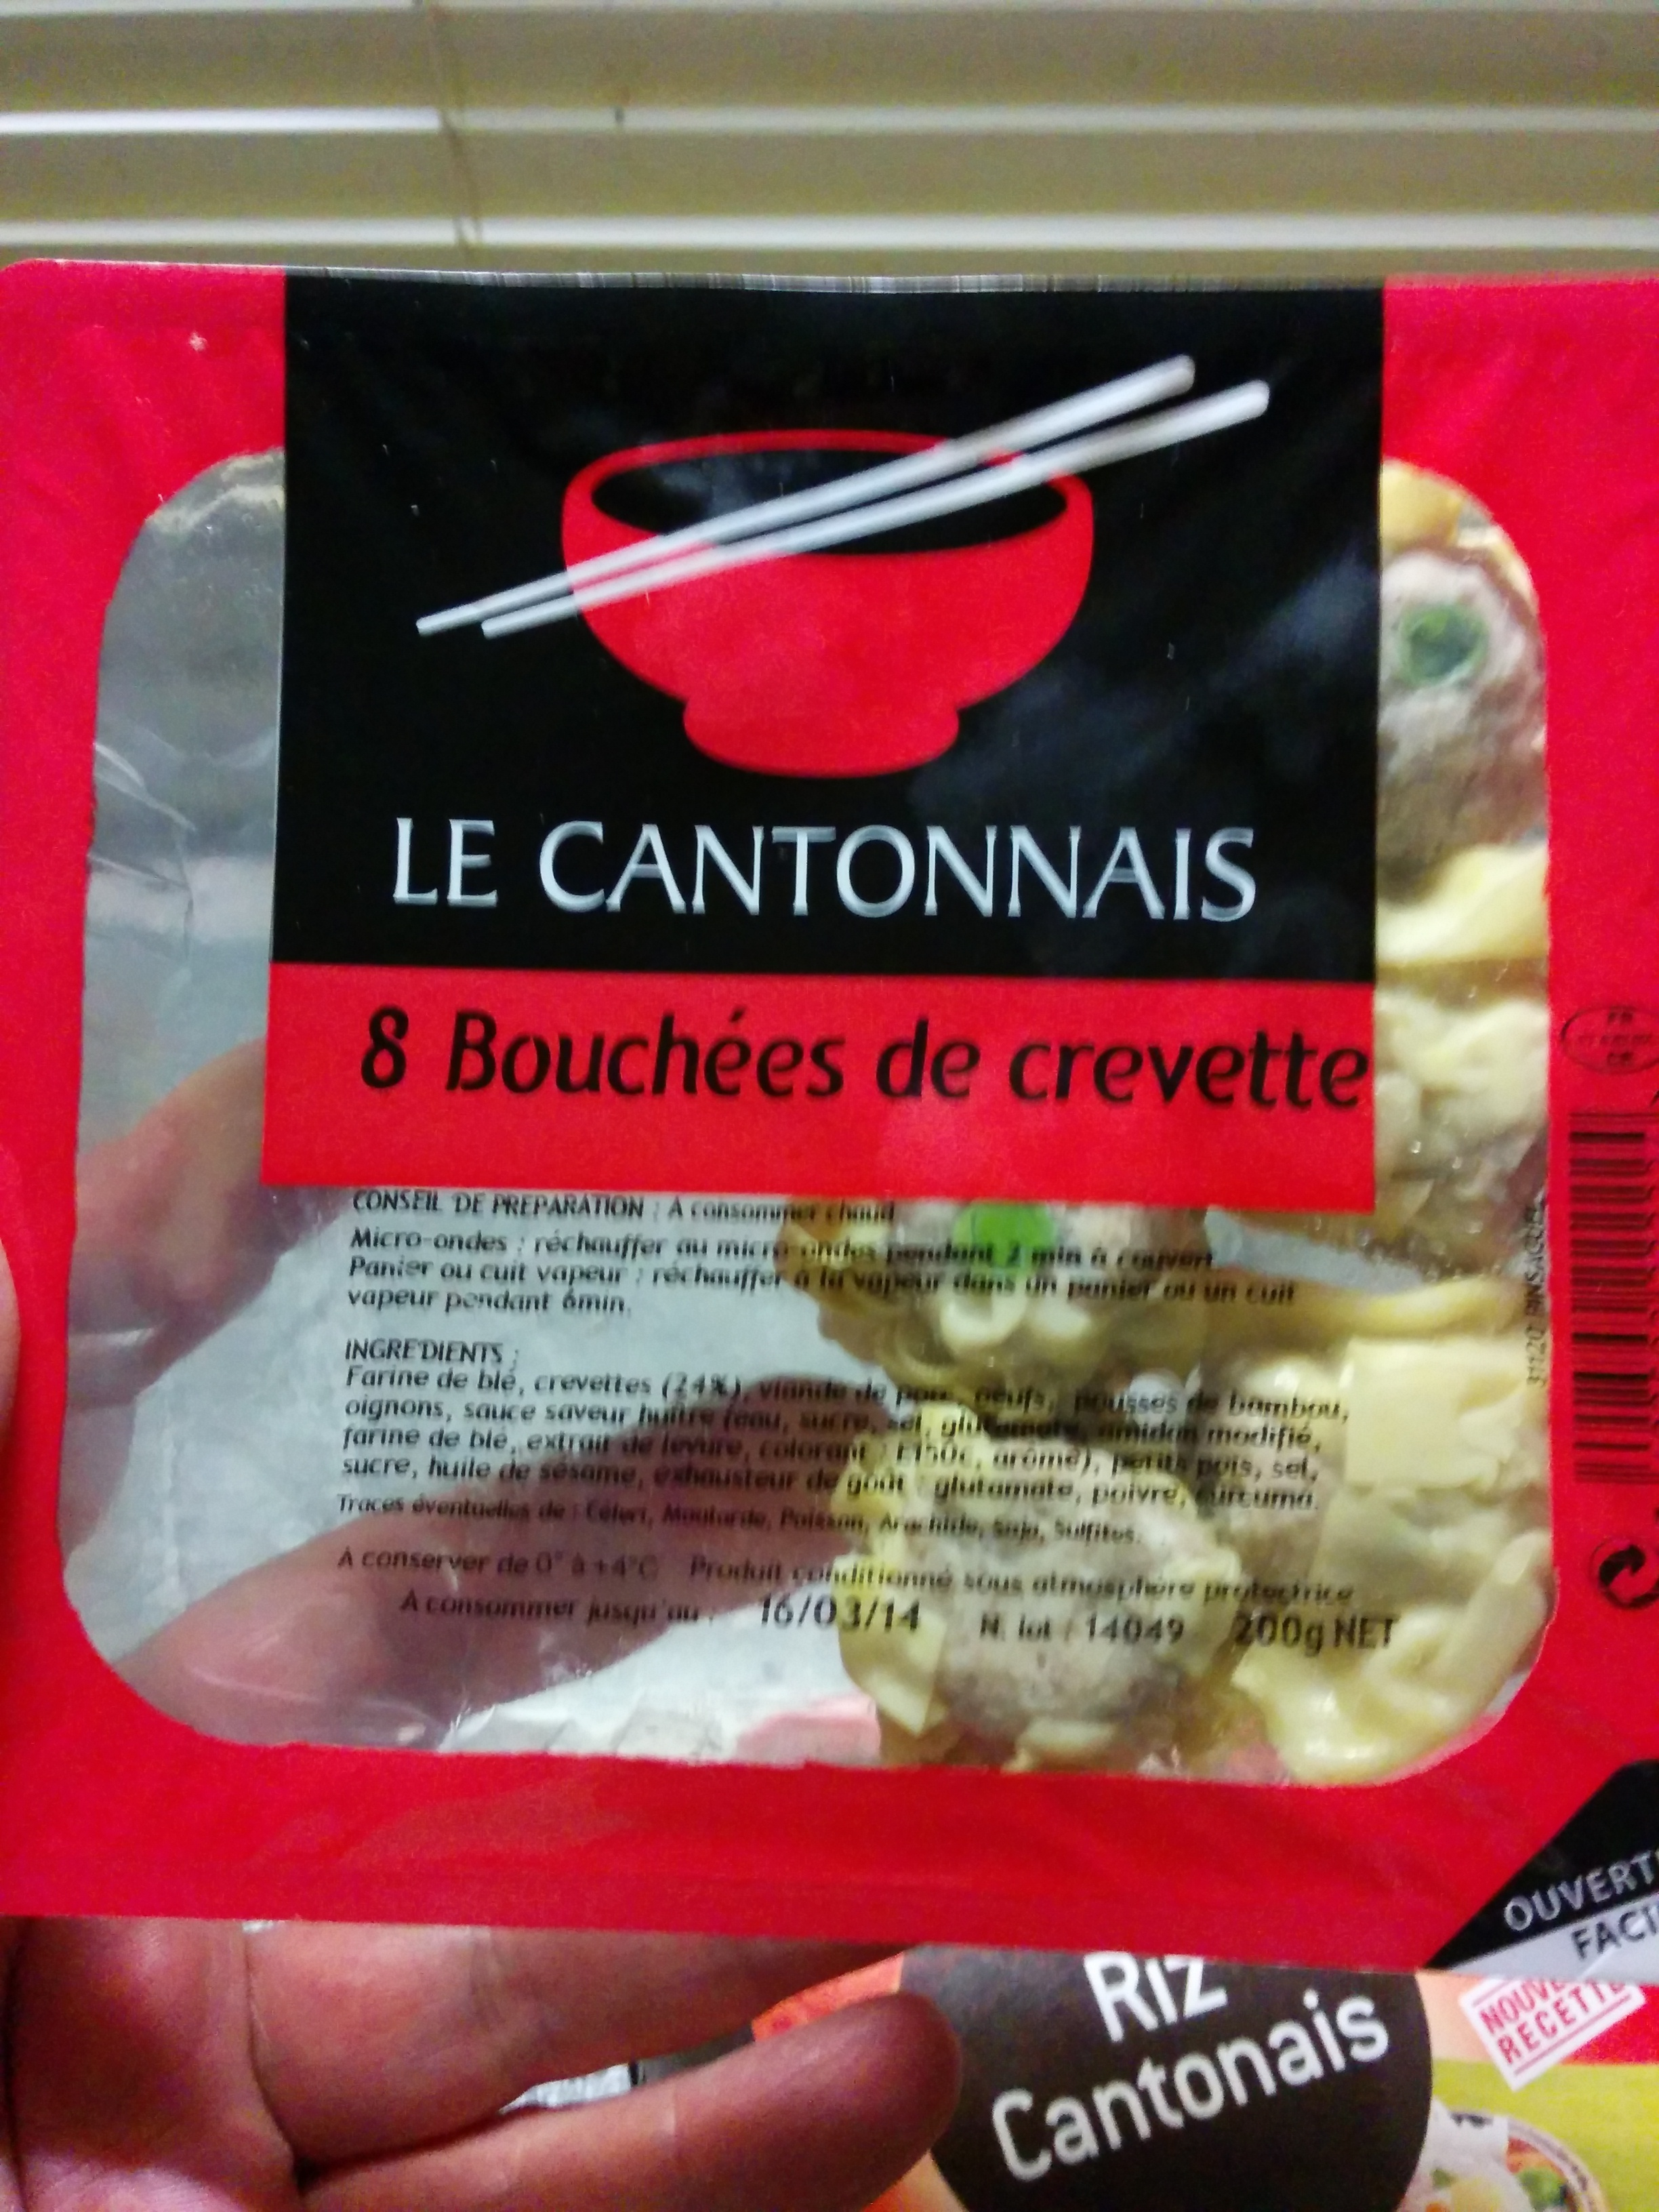 8 Bouchées de crevette - Product - fr